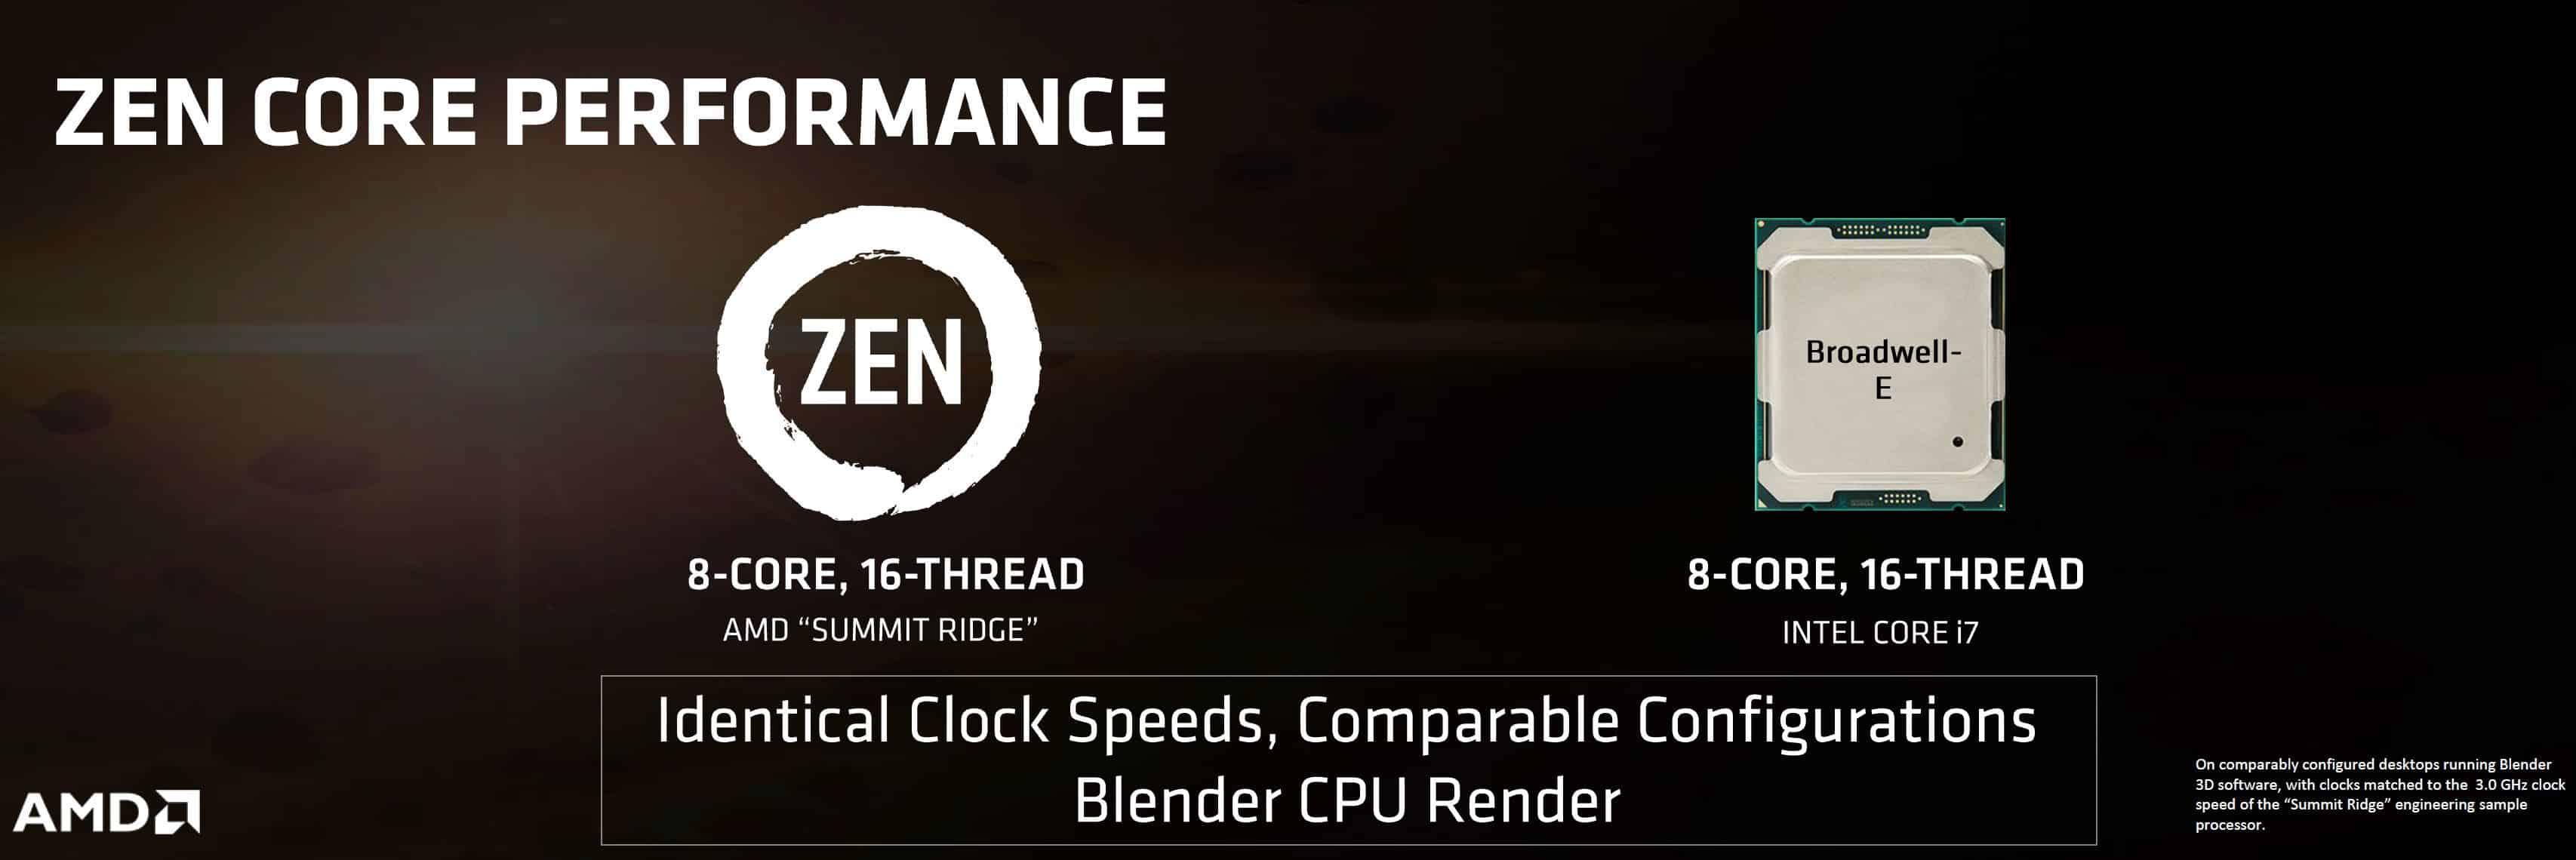 AMD Zen: nuove informazioni, prestazioni superiori a Intel Broadwell-E   PC-Gaming.it